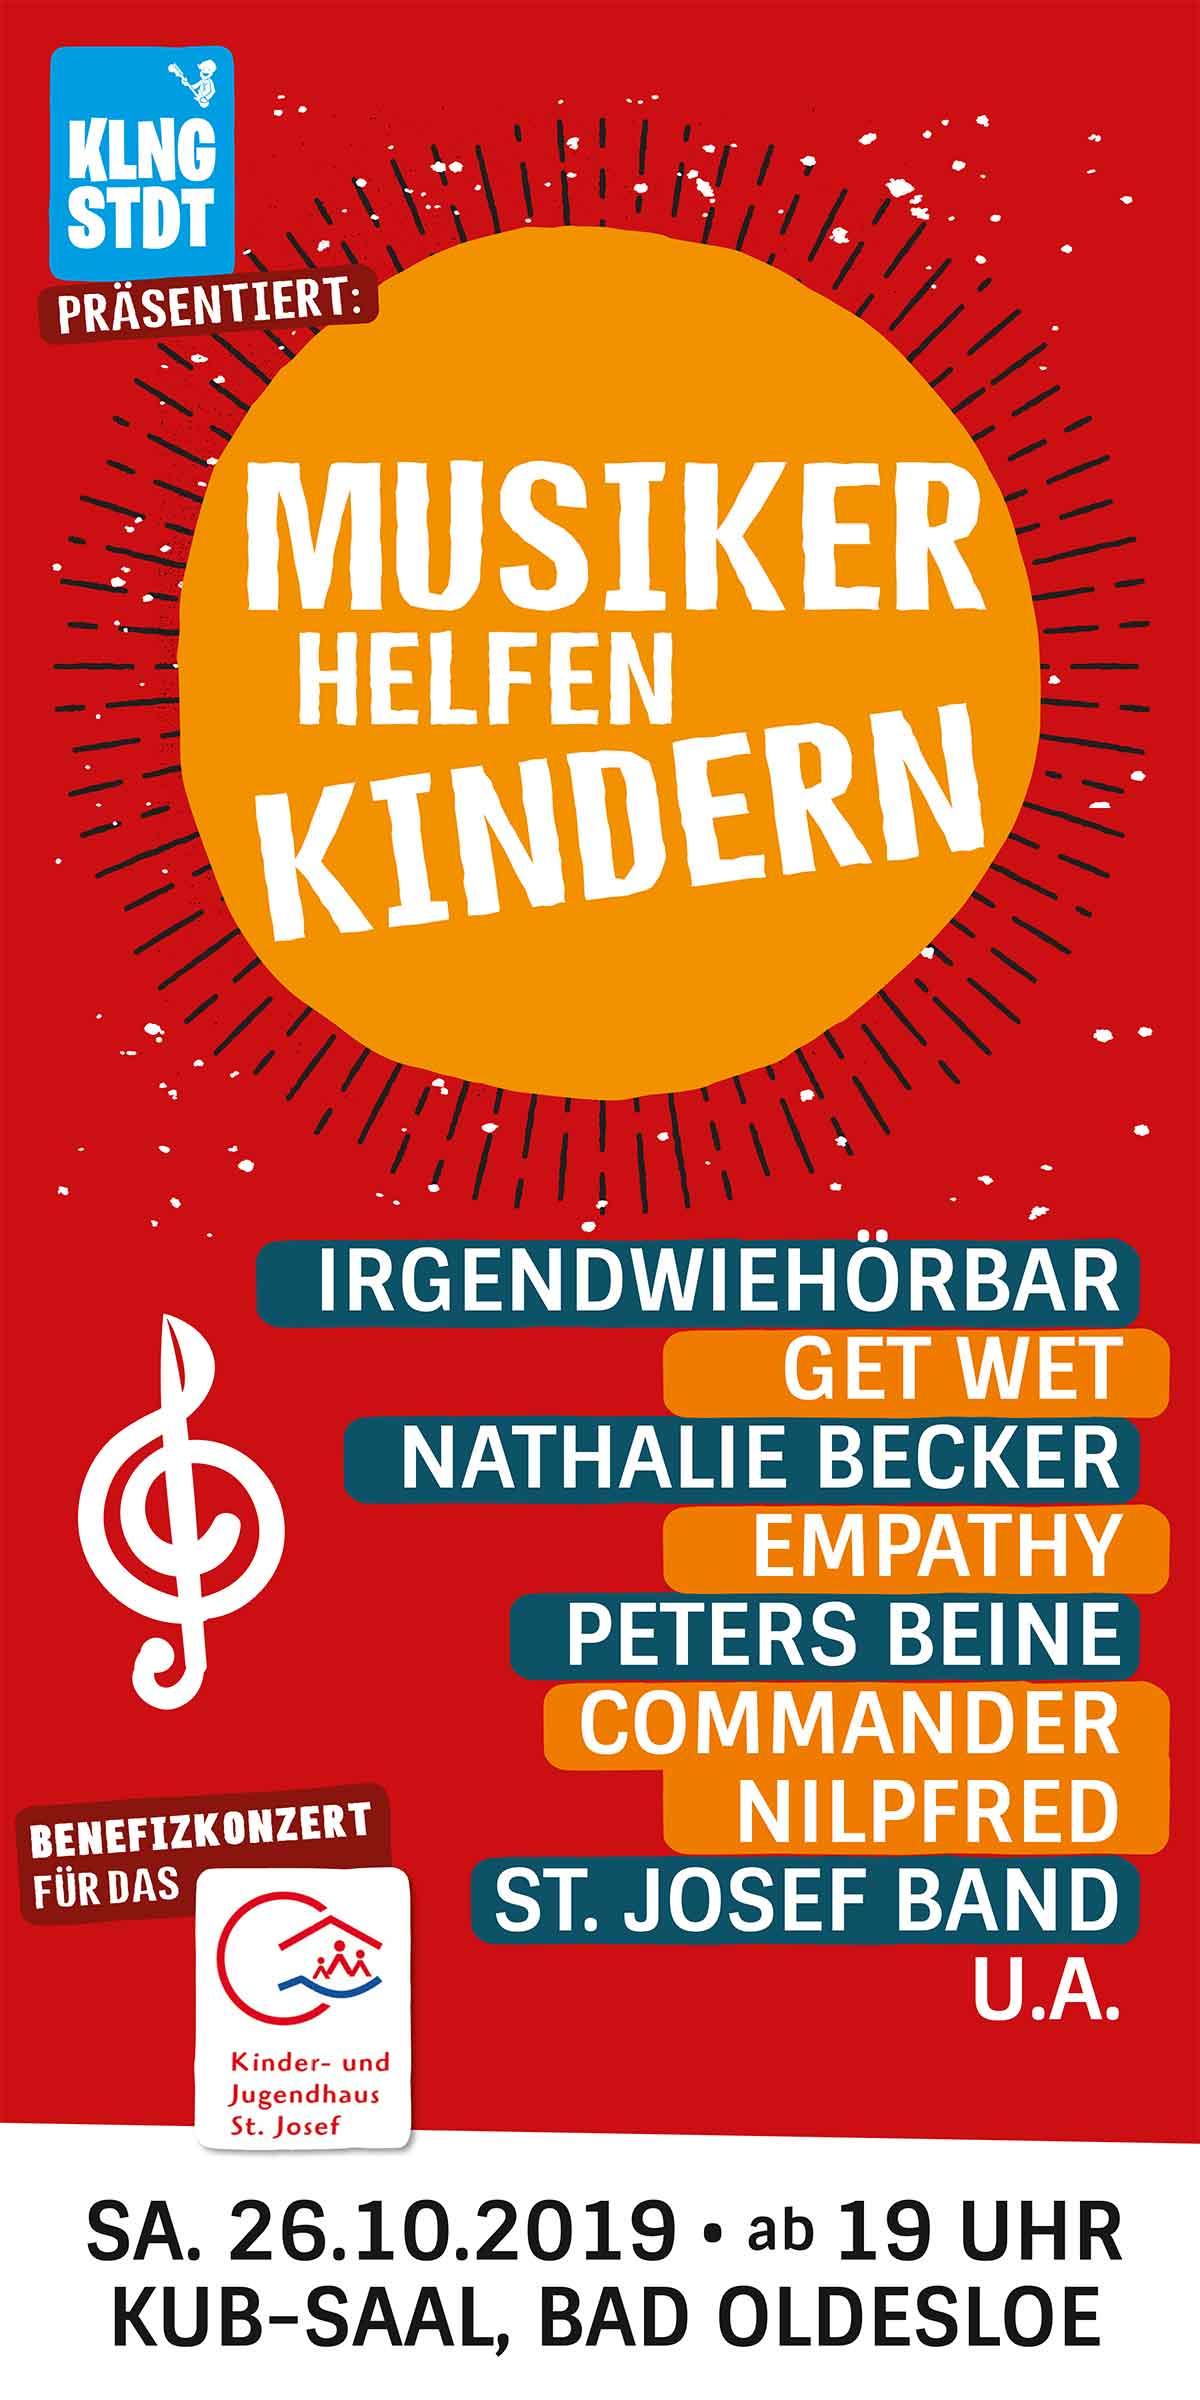 Musiker helfen Kindern - Benefizabend am 26.10.2019